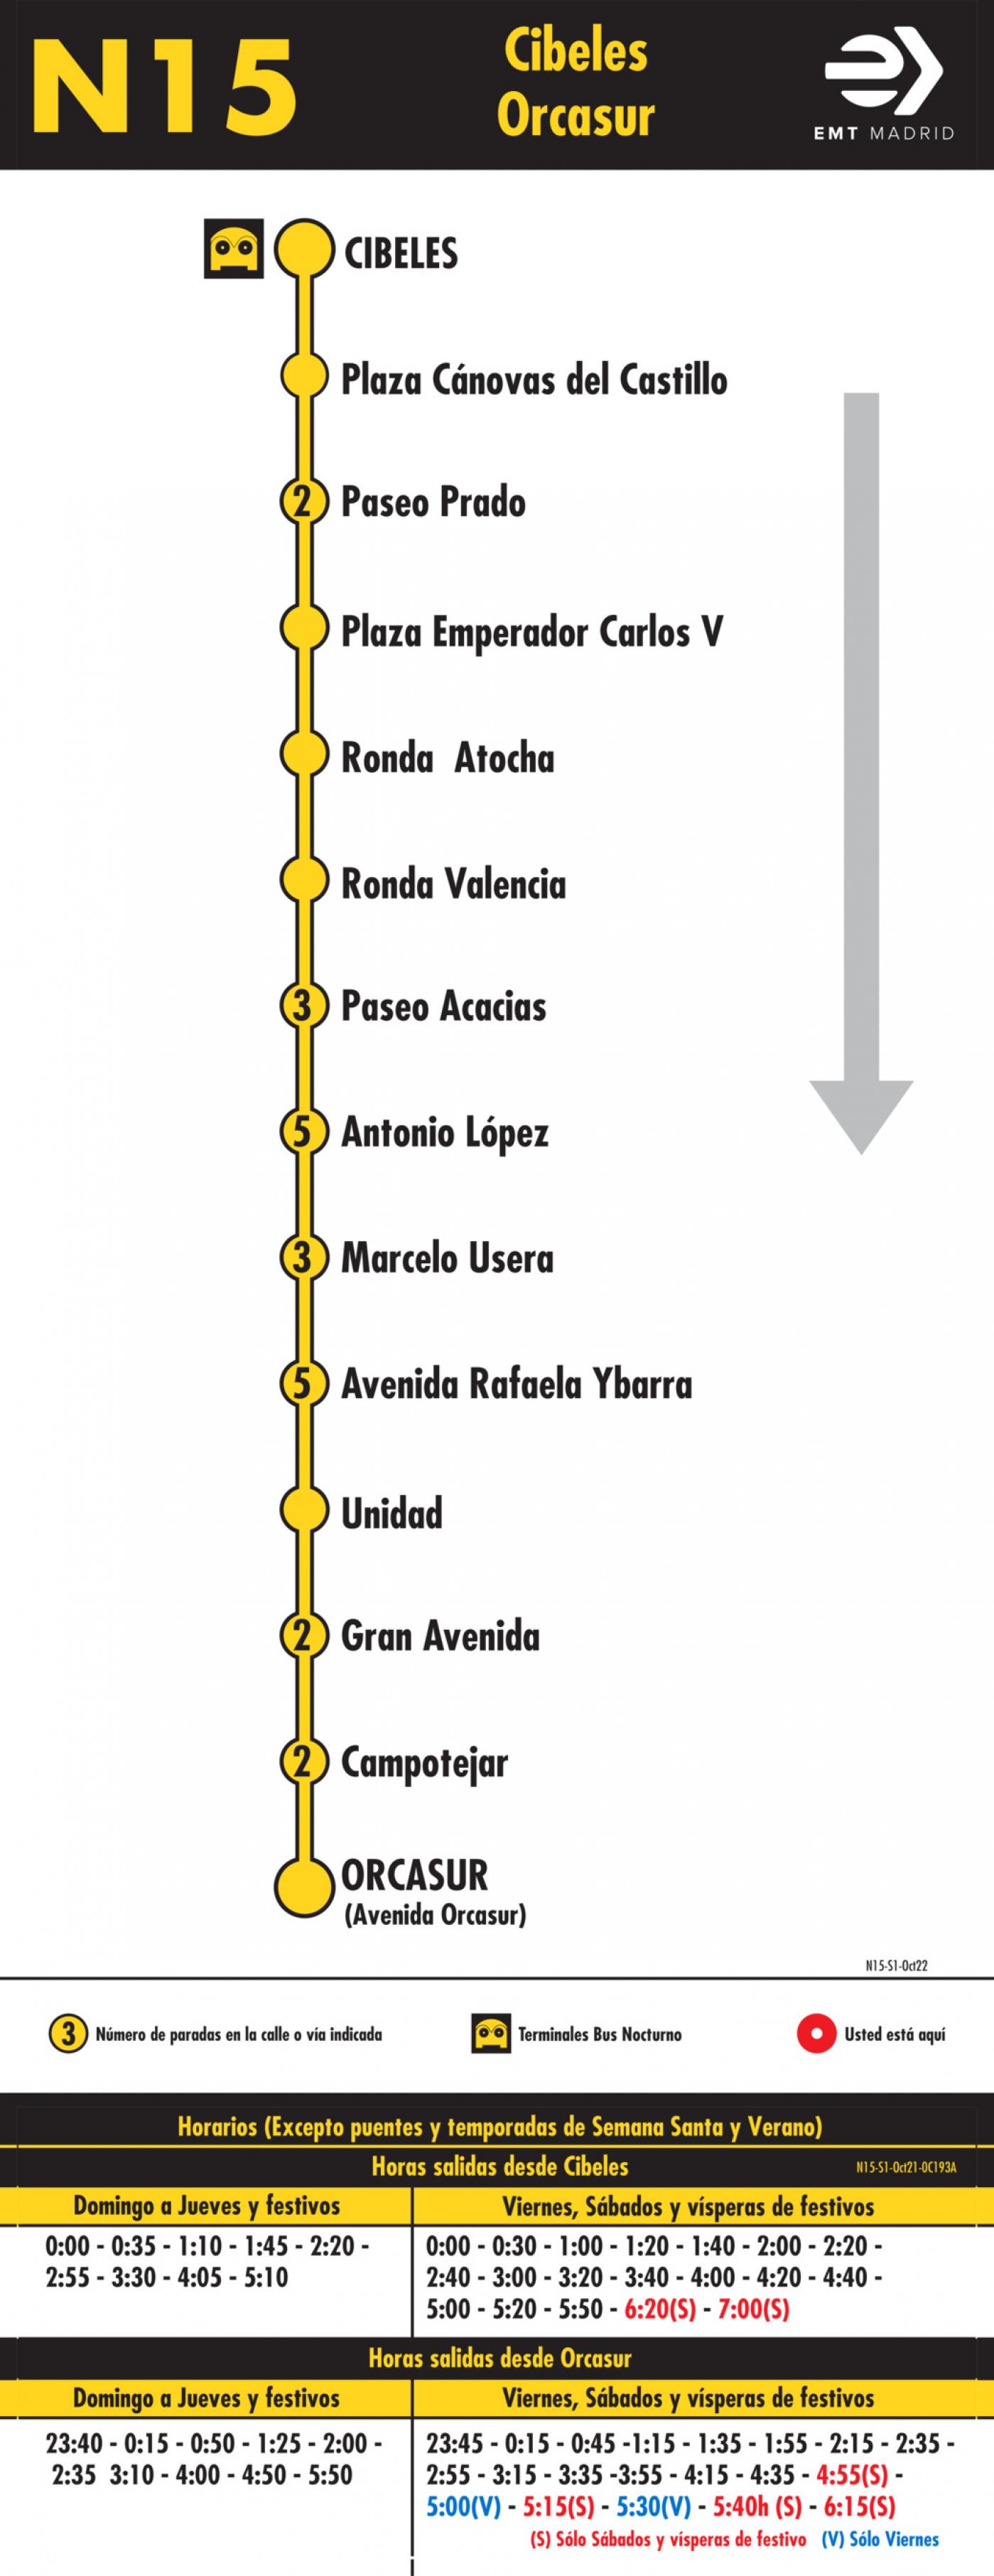 Tabla de horarios y frecuencias de paso en sentido ida Línea N15: Plaza de Cibeles - Orcasur (búho)